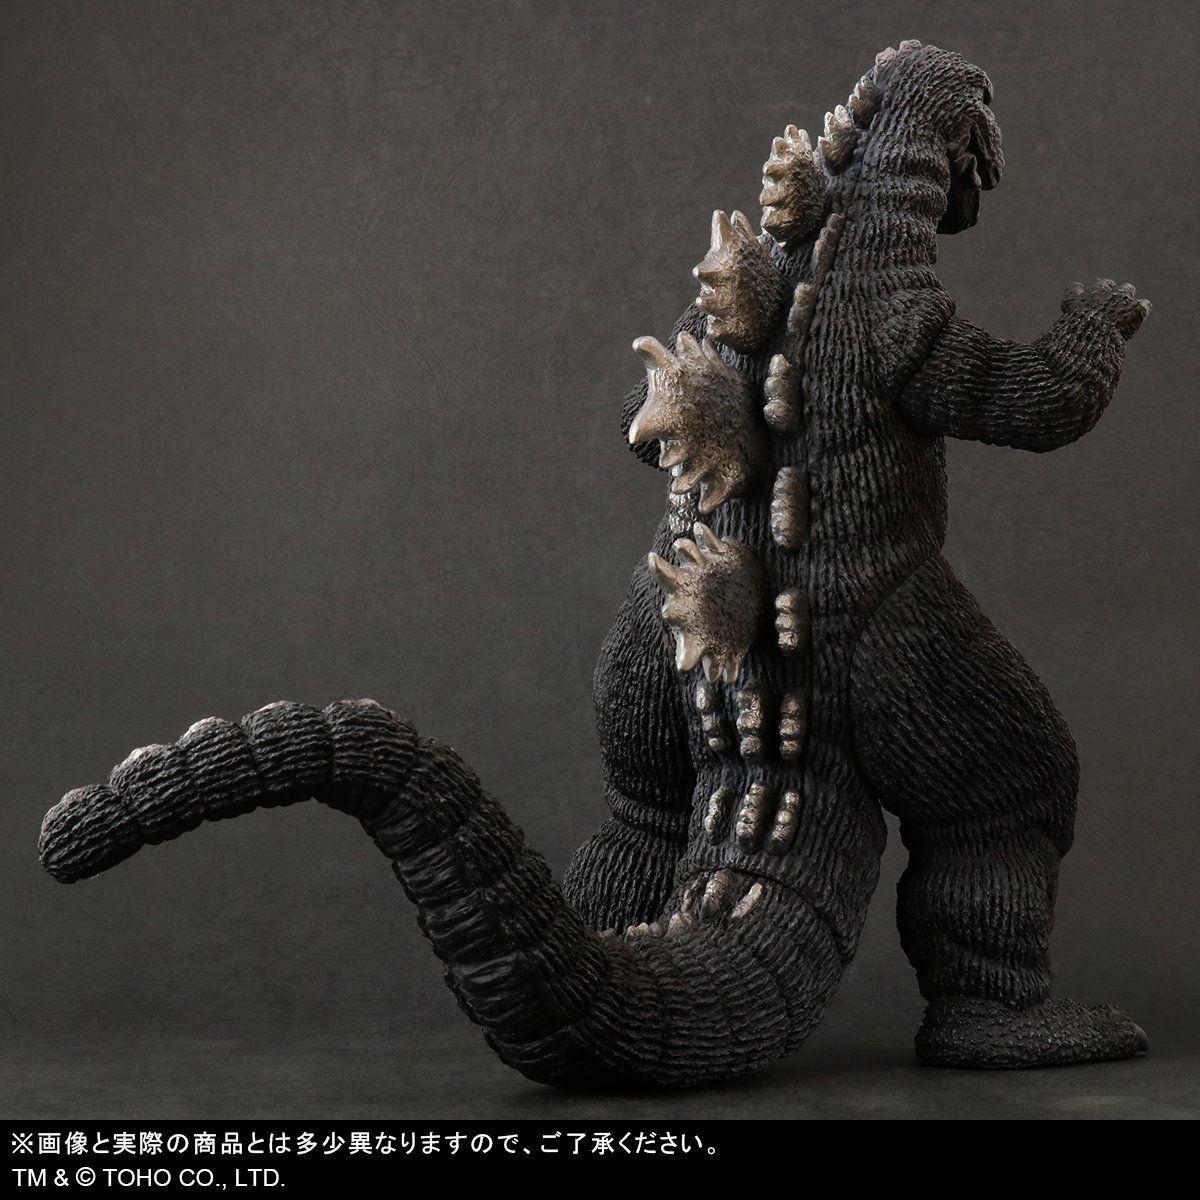 東宝30cmシリーズ『ゴジラ(1975)発光Ver.』メカゴジラの逆襲 完成品フィギュア-005